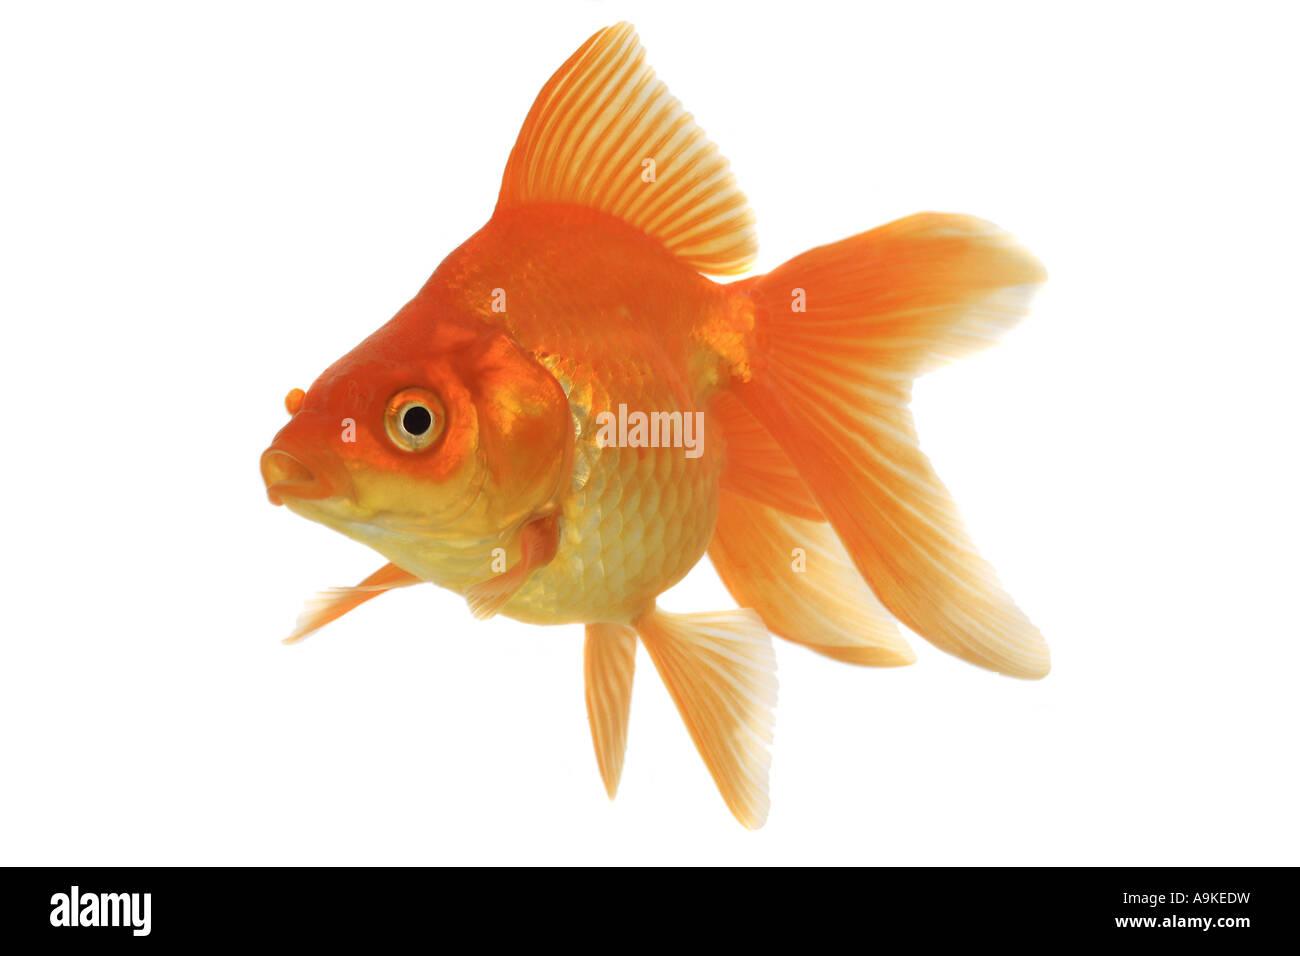 goldfish, common carp, fantail (Carassius auratus auratus) Stock Photo